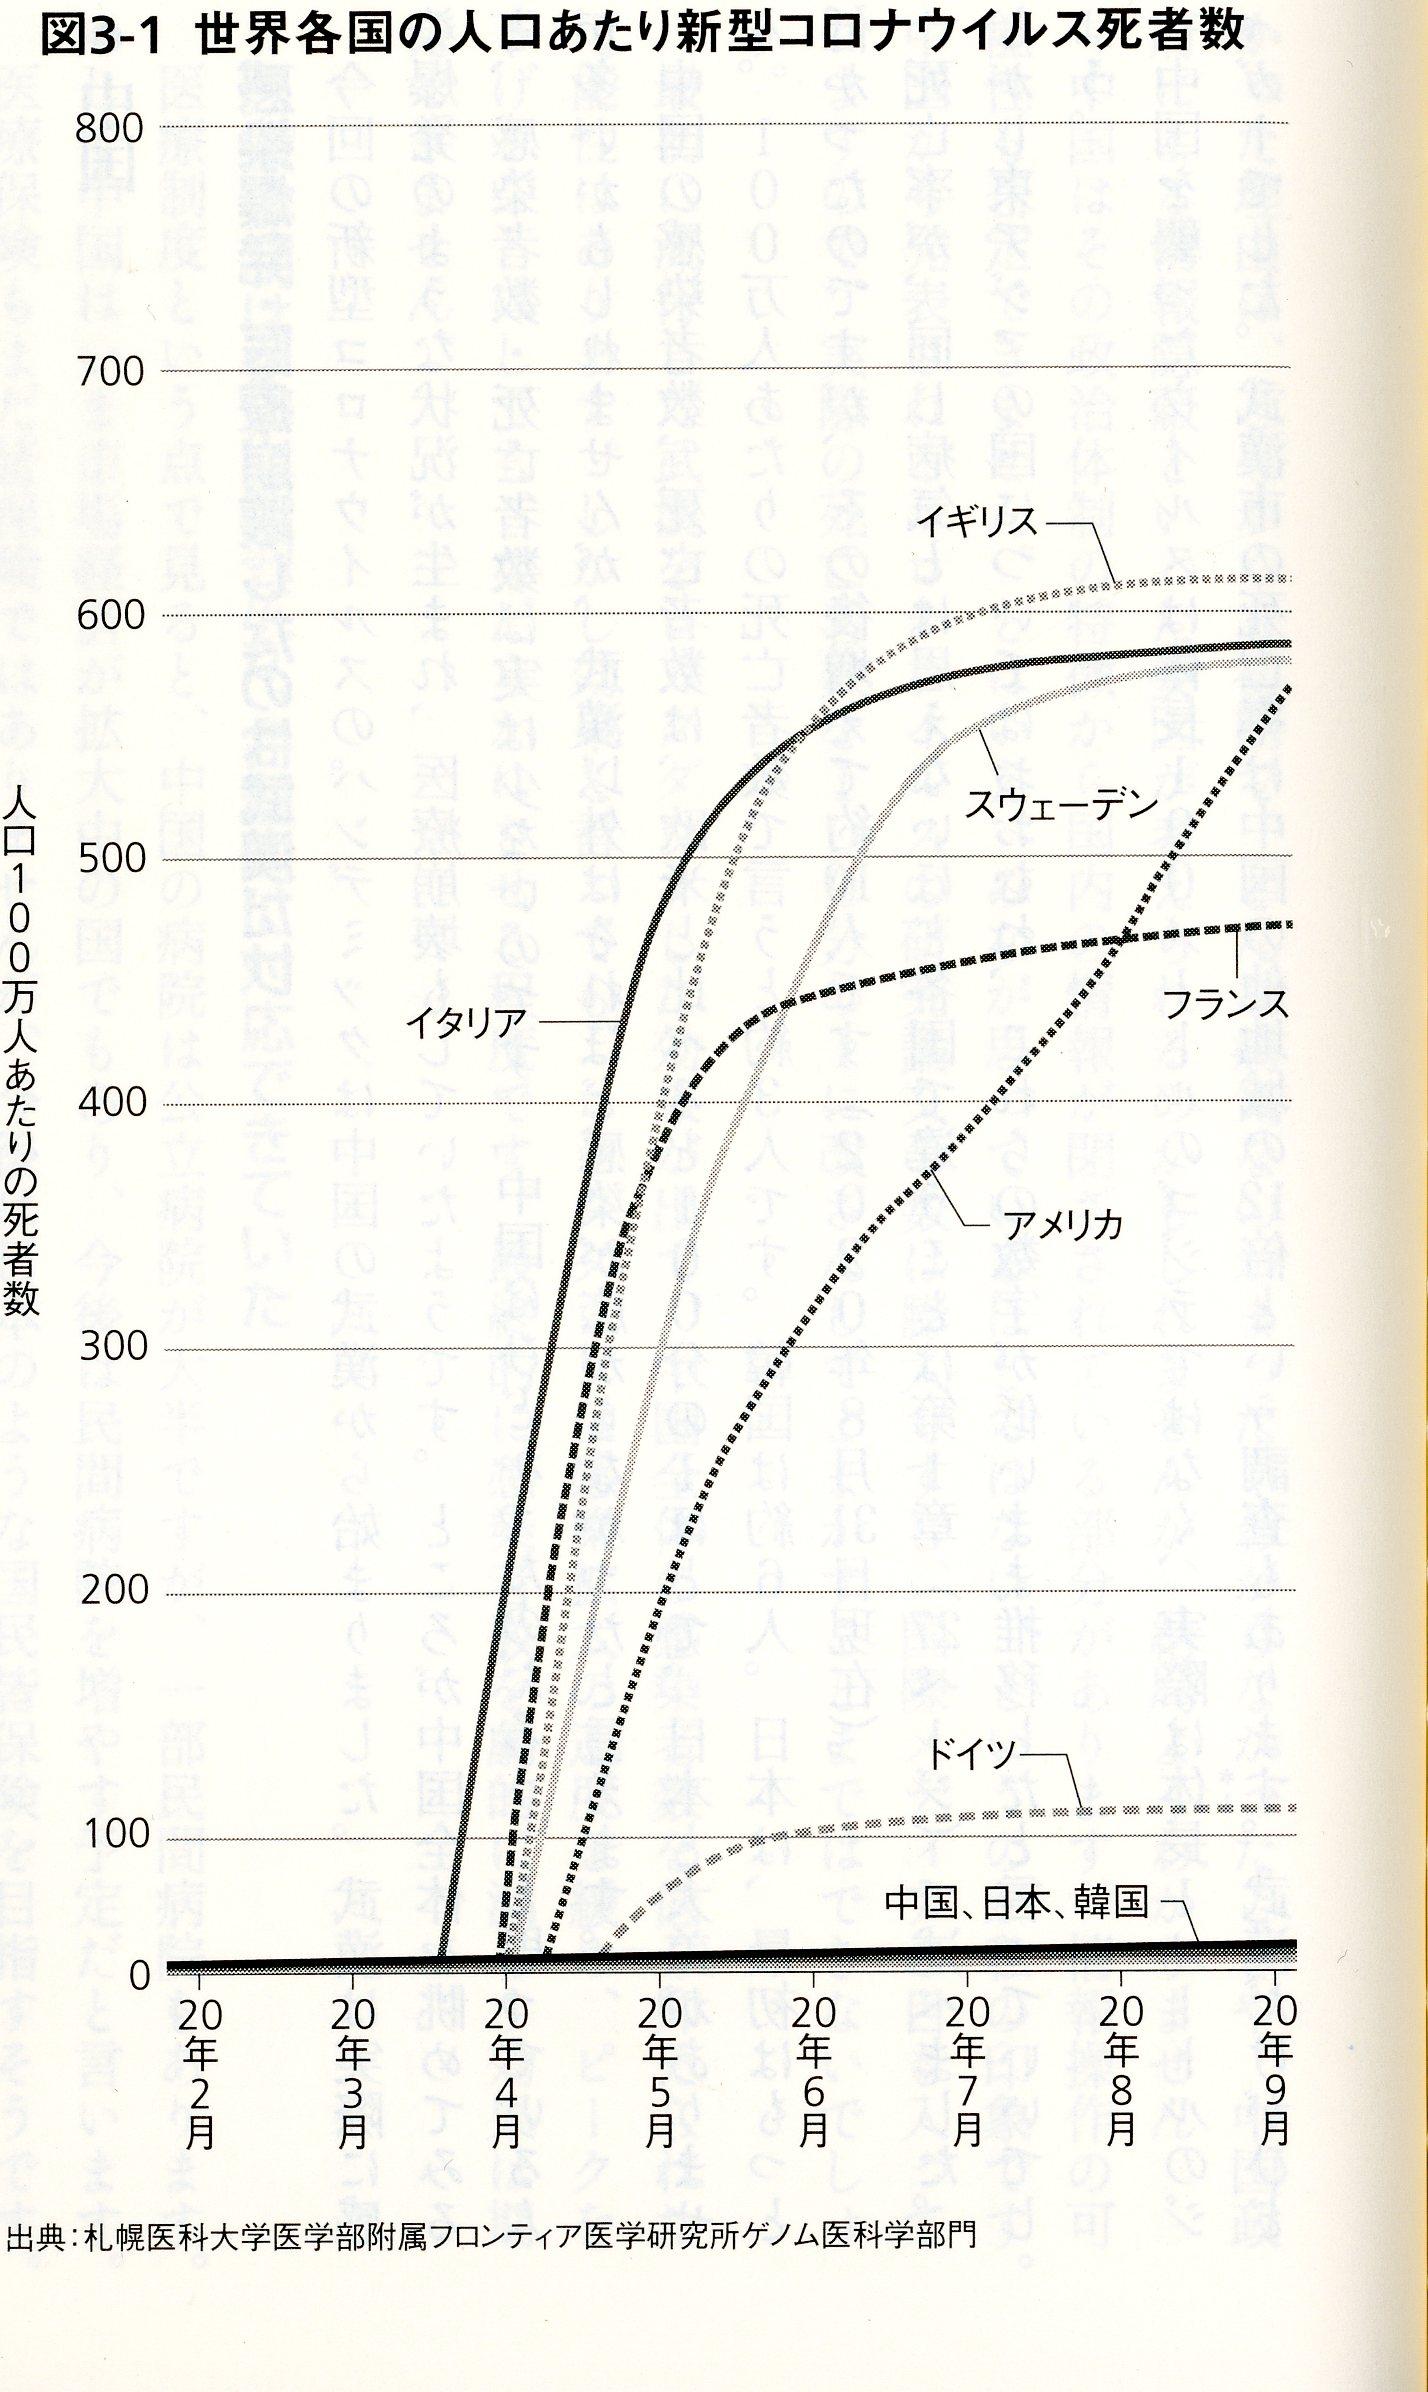 画像資料 「各国人口あたりコロナ死亡率」 森田洋之『不都合な真実』p77